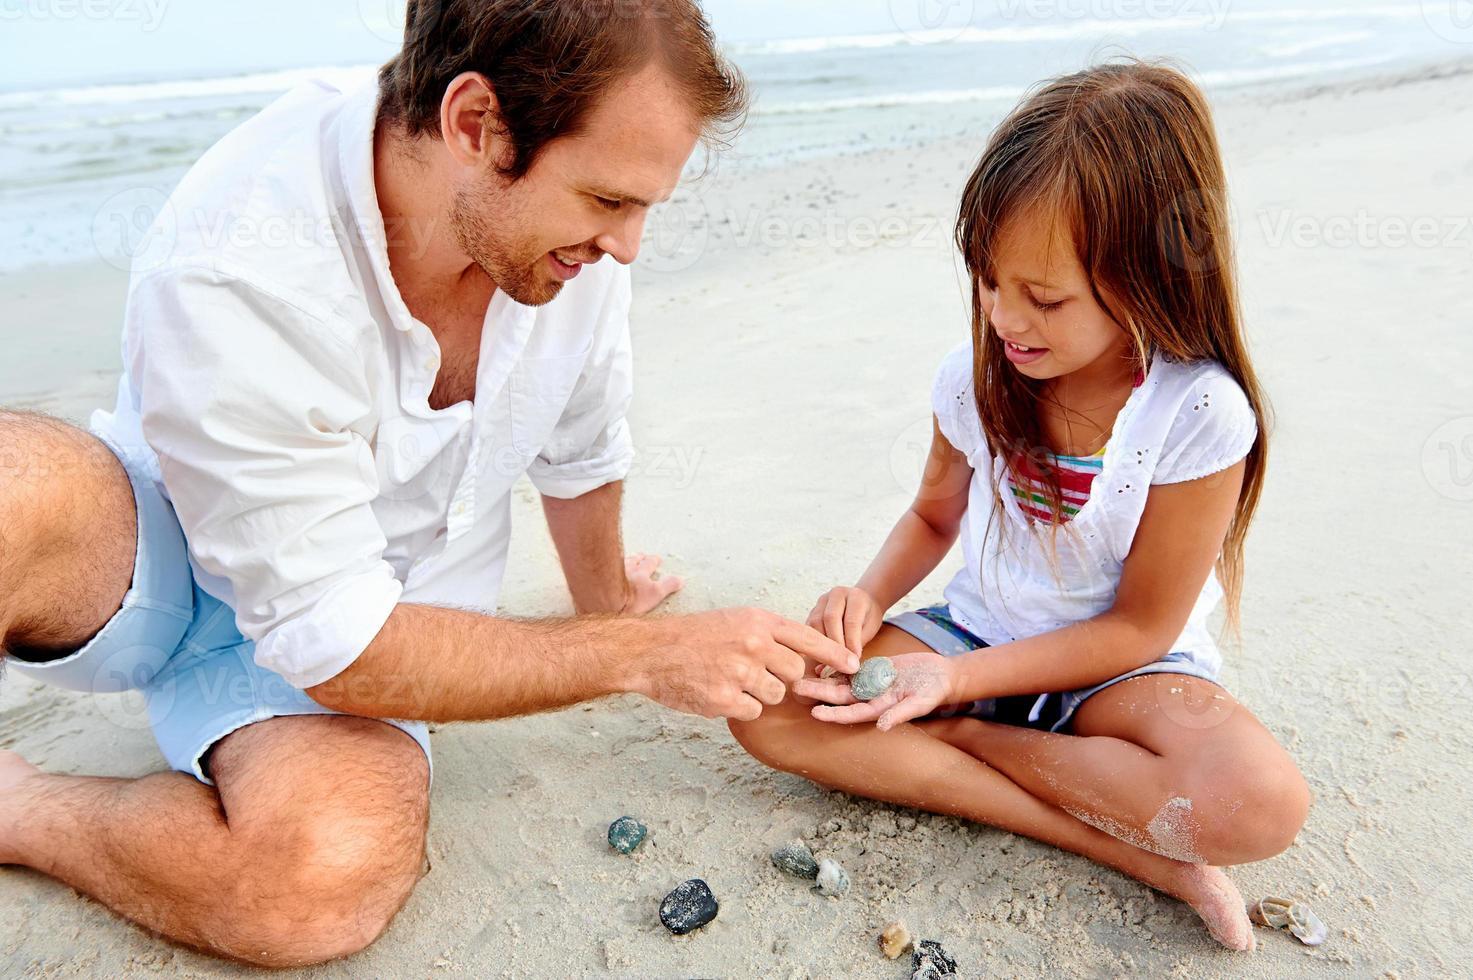 diversión familiar en la playa foto